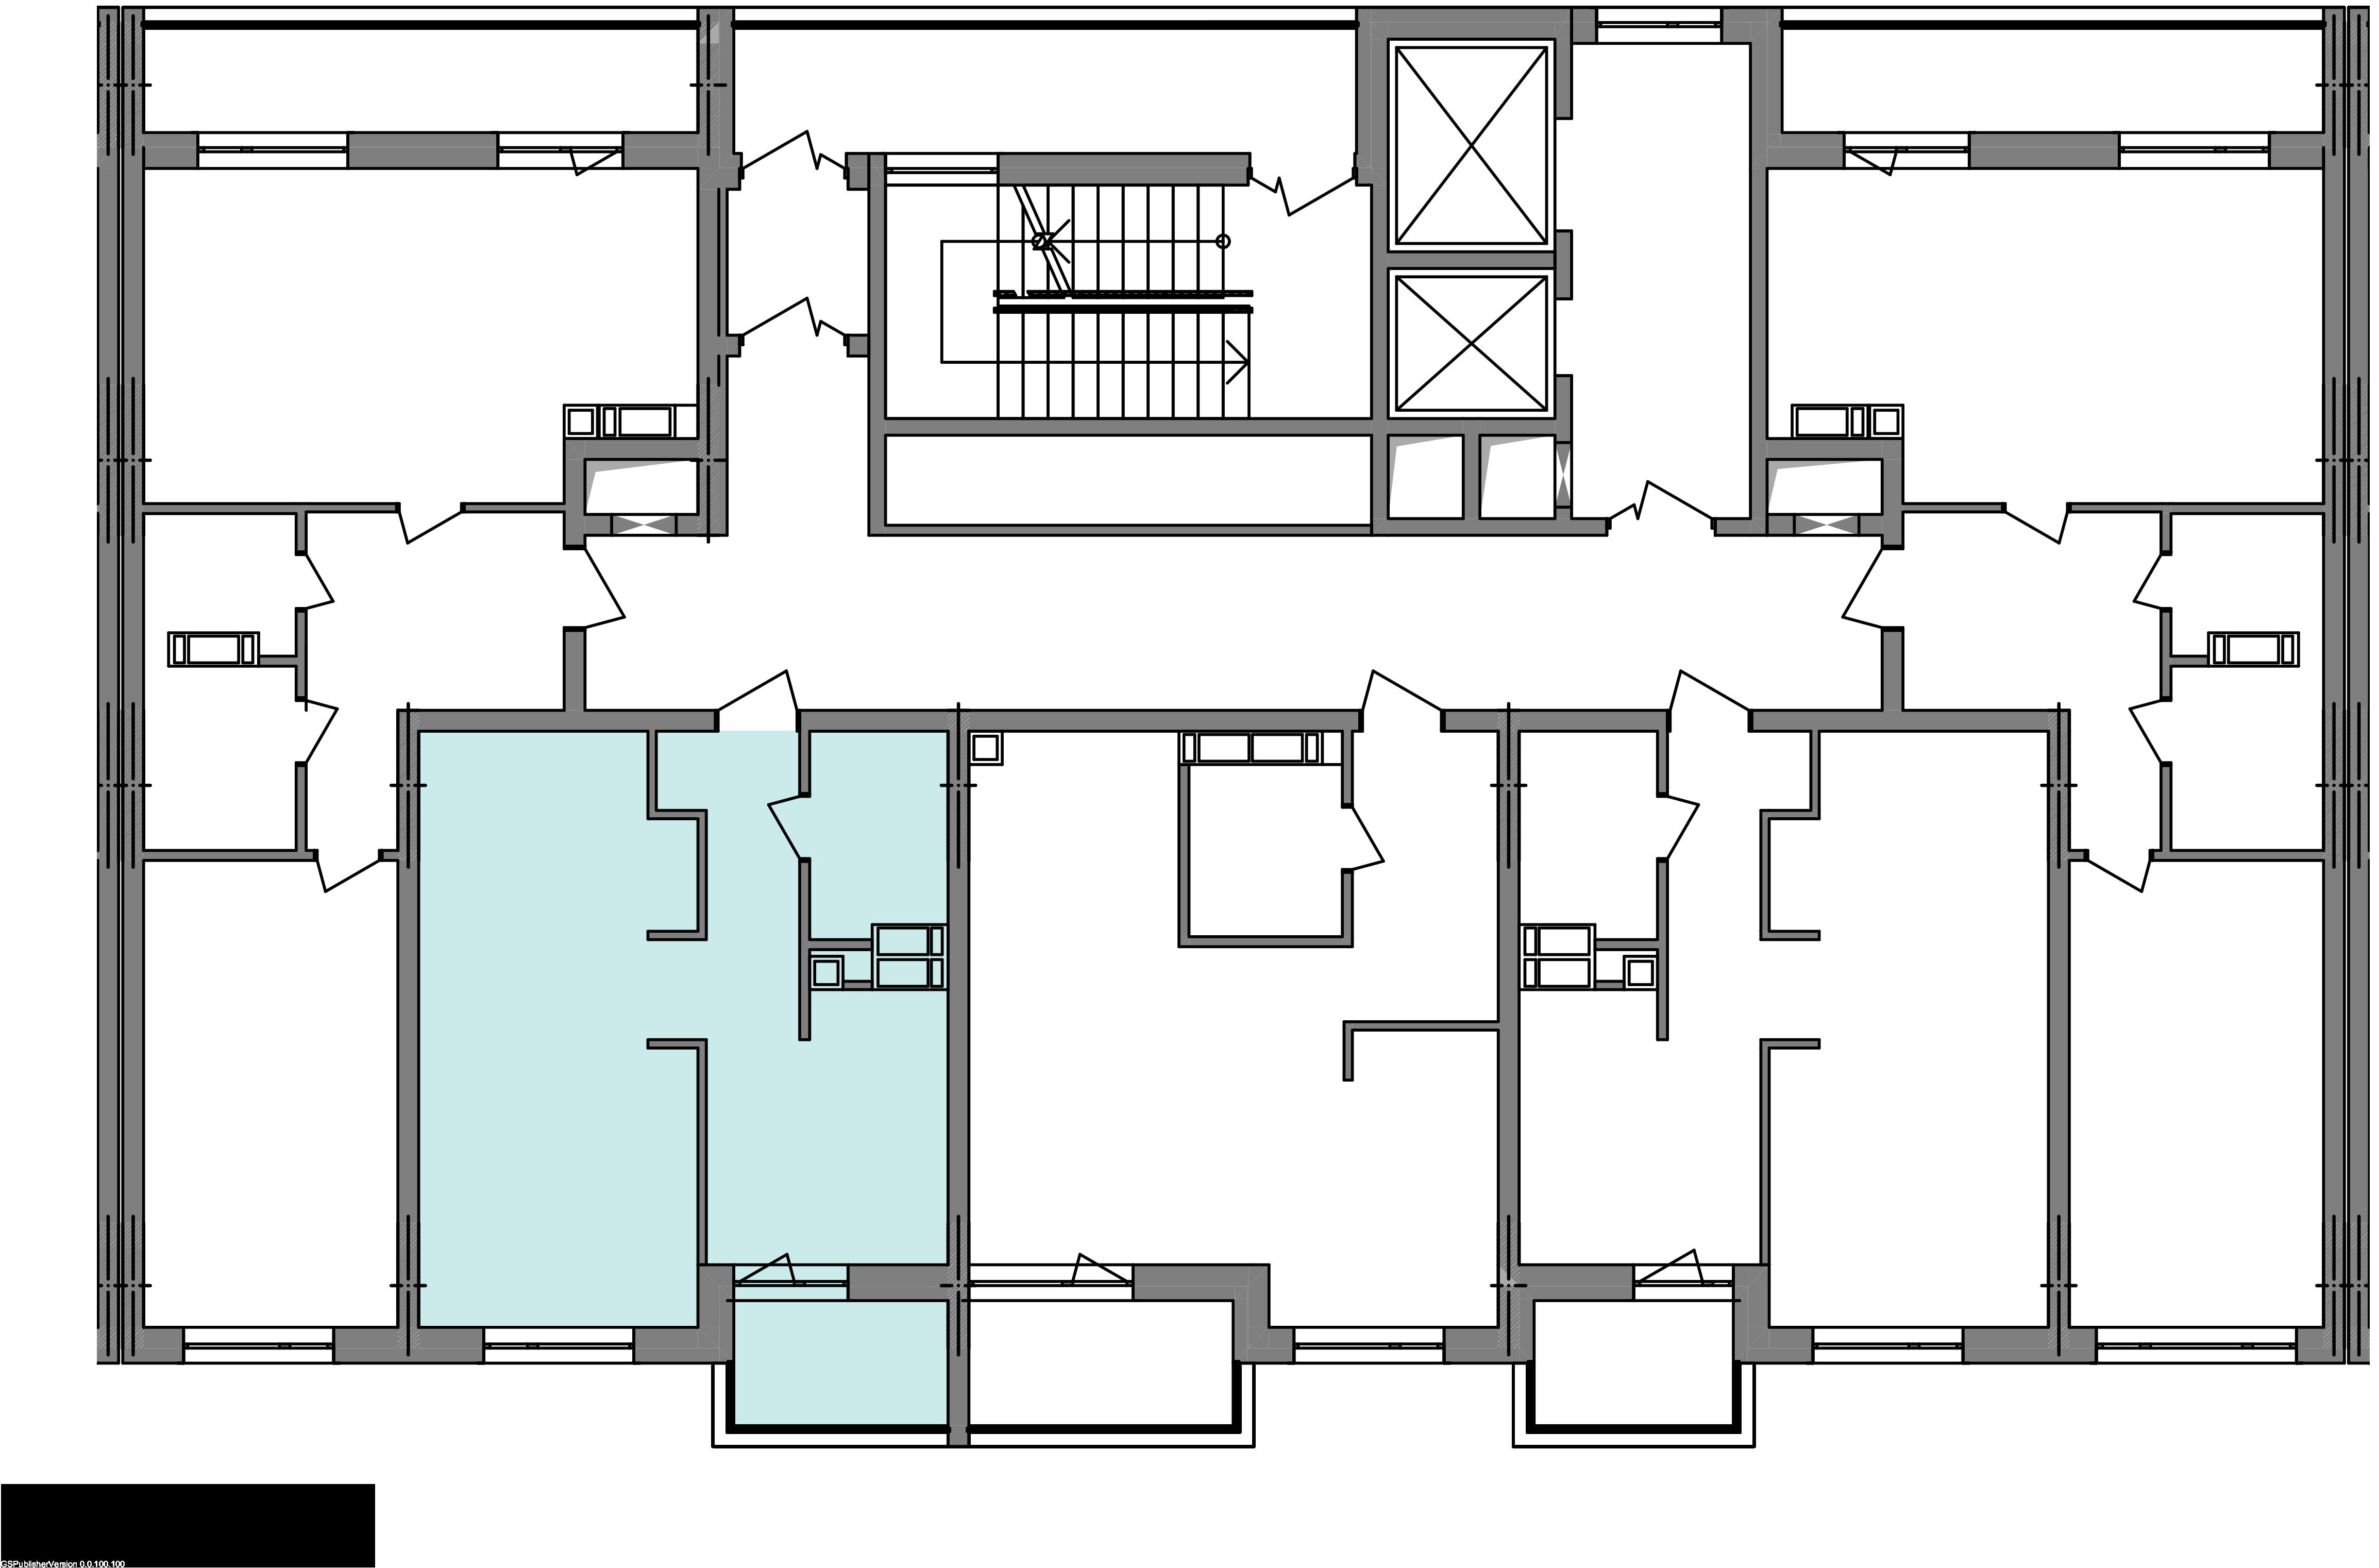 Однокомнатная квартира 40,50 кв.м., тип 1.6, дом 3 секция 2 расположение на этаже